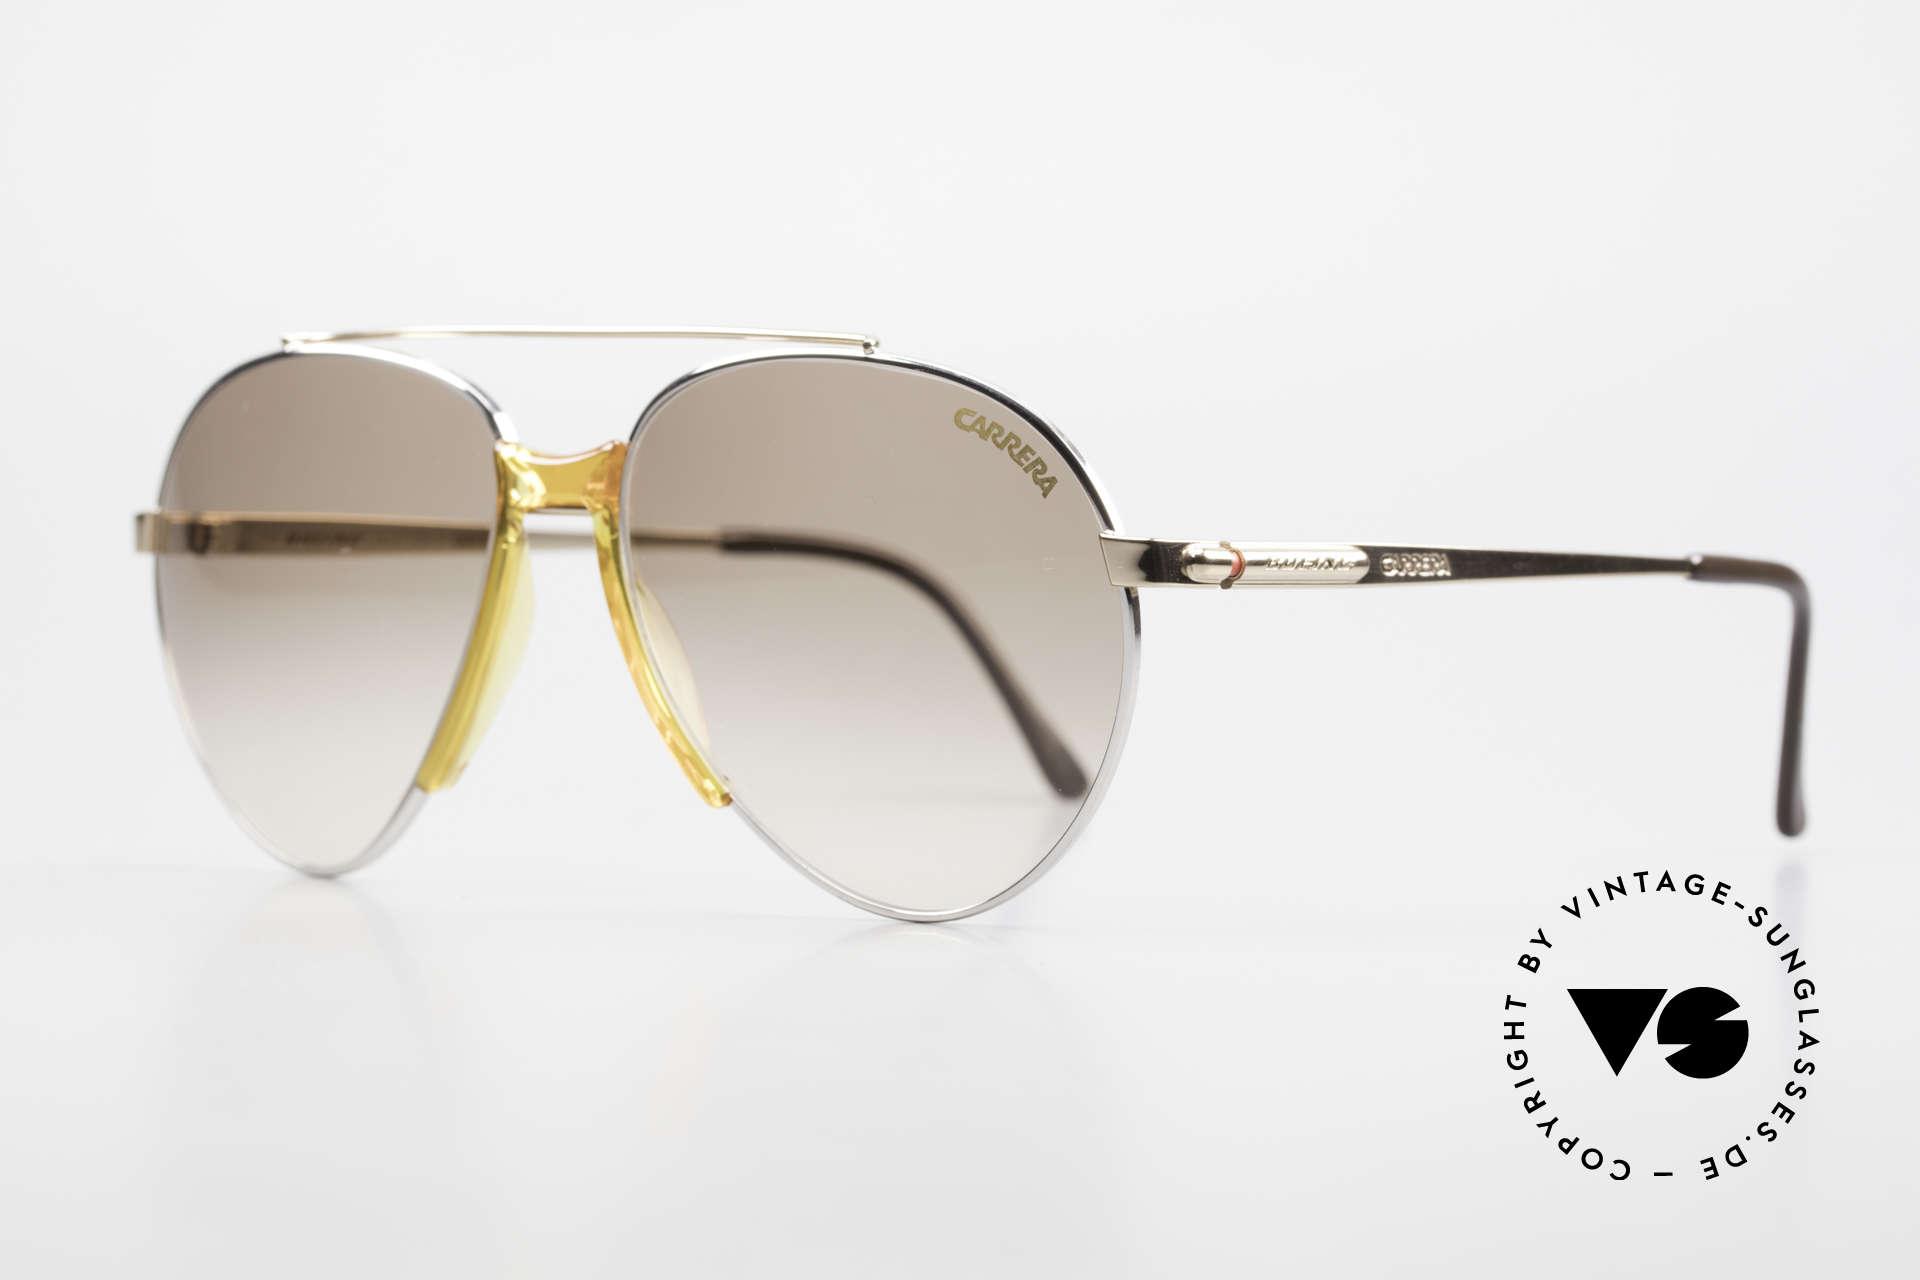 Boeing 5734 Rare 80er Pilotensonnenbrille, Ende der 80er extra für die Boeing-Piloten produziert, Passend für Herren und Damen